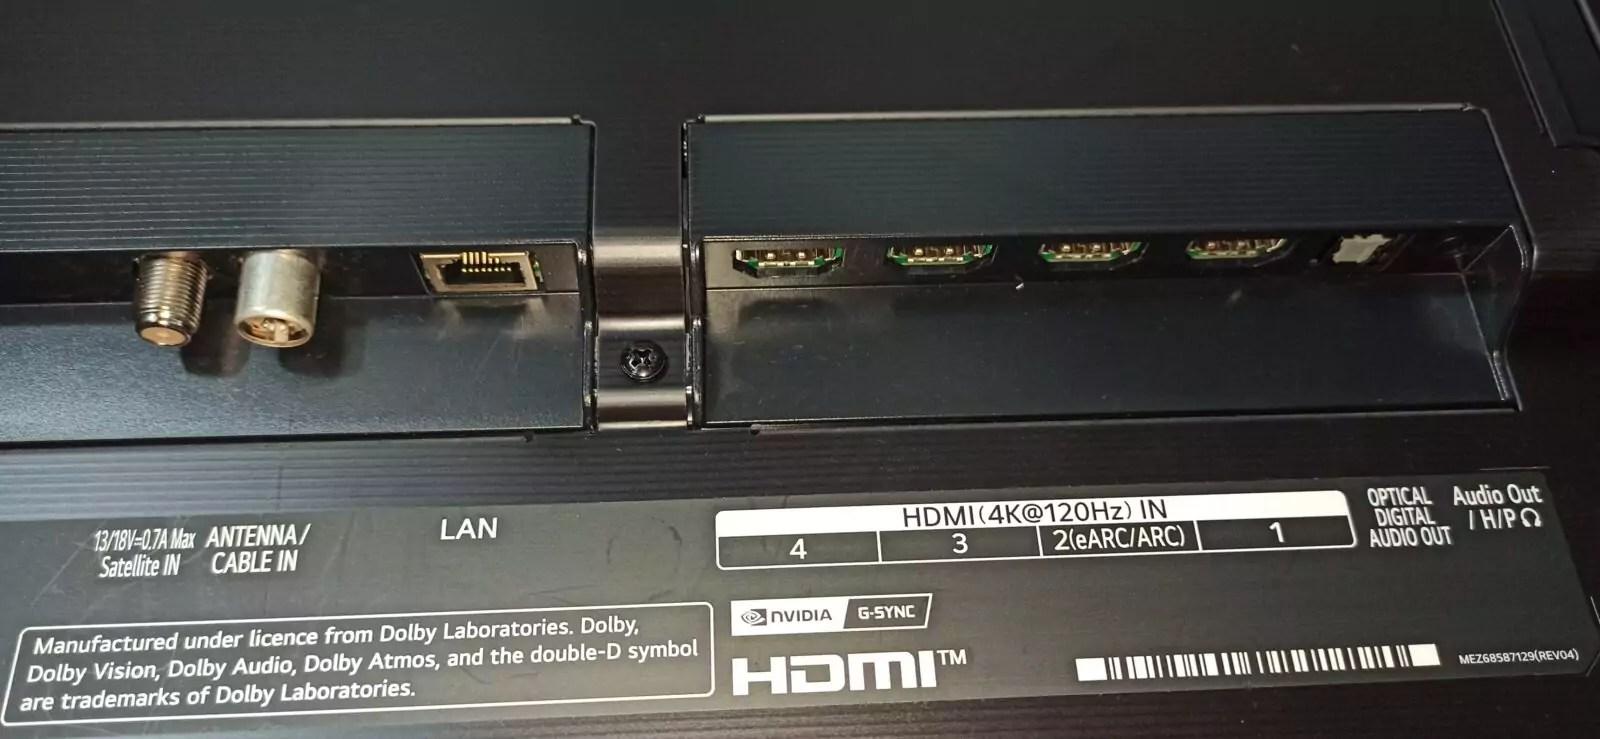 LG 65G1 Prise Antennes, HDMI LAN Optical audio